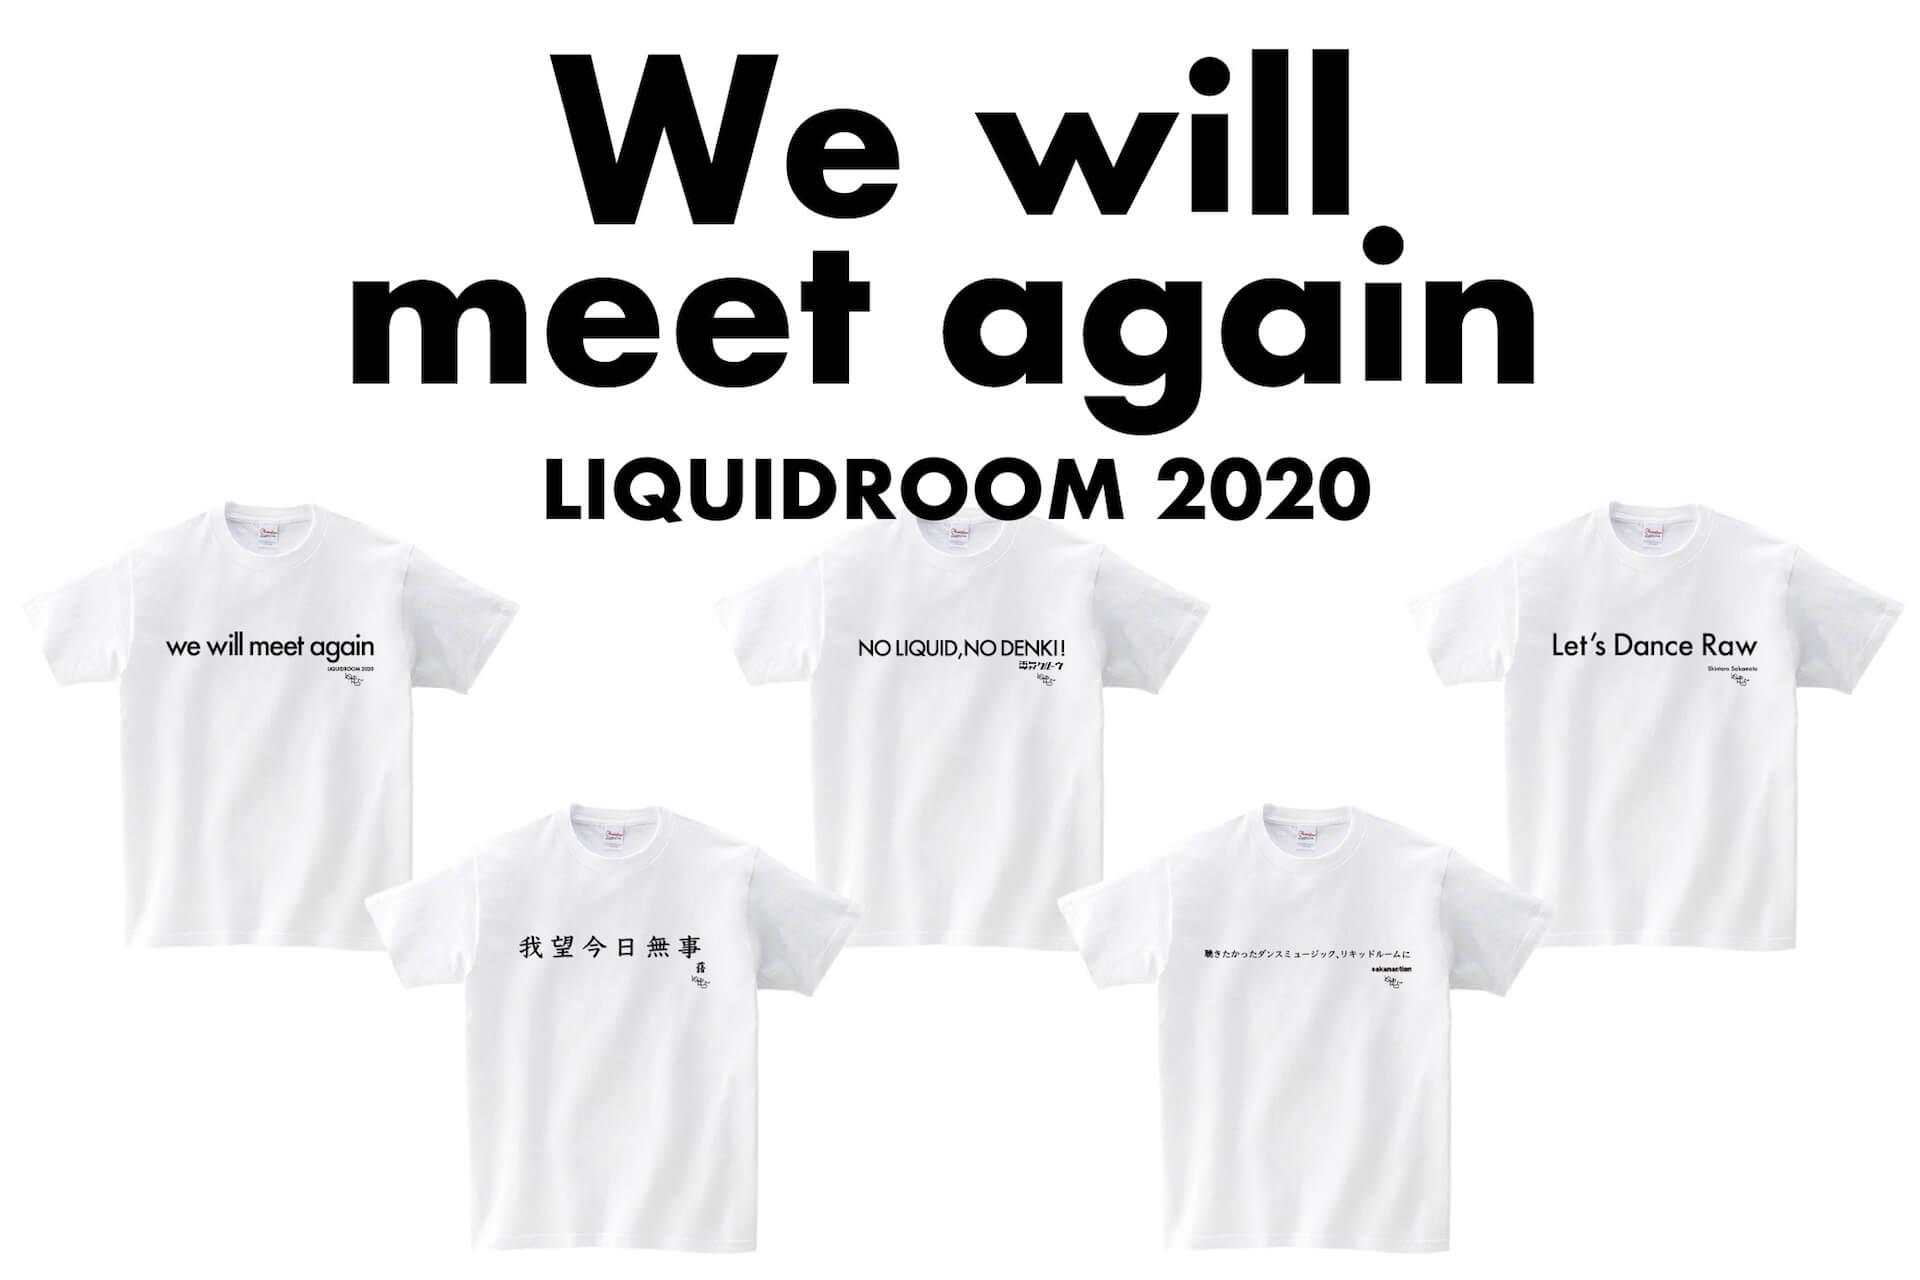 サカナクション × LIQUIDROOMのメッセージ・コラボ・Tシャツ、もちろんあの曲がテーマに music200513-liquidroom-sakanaction-3